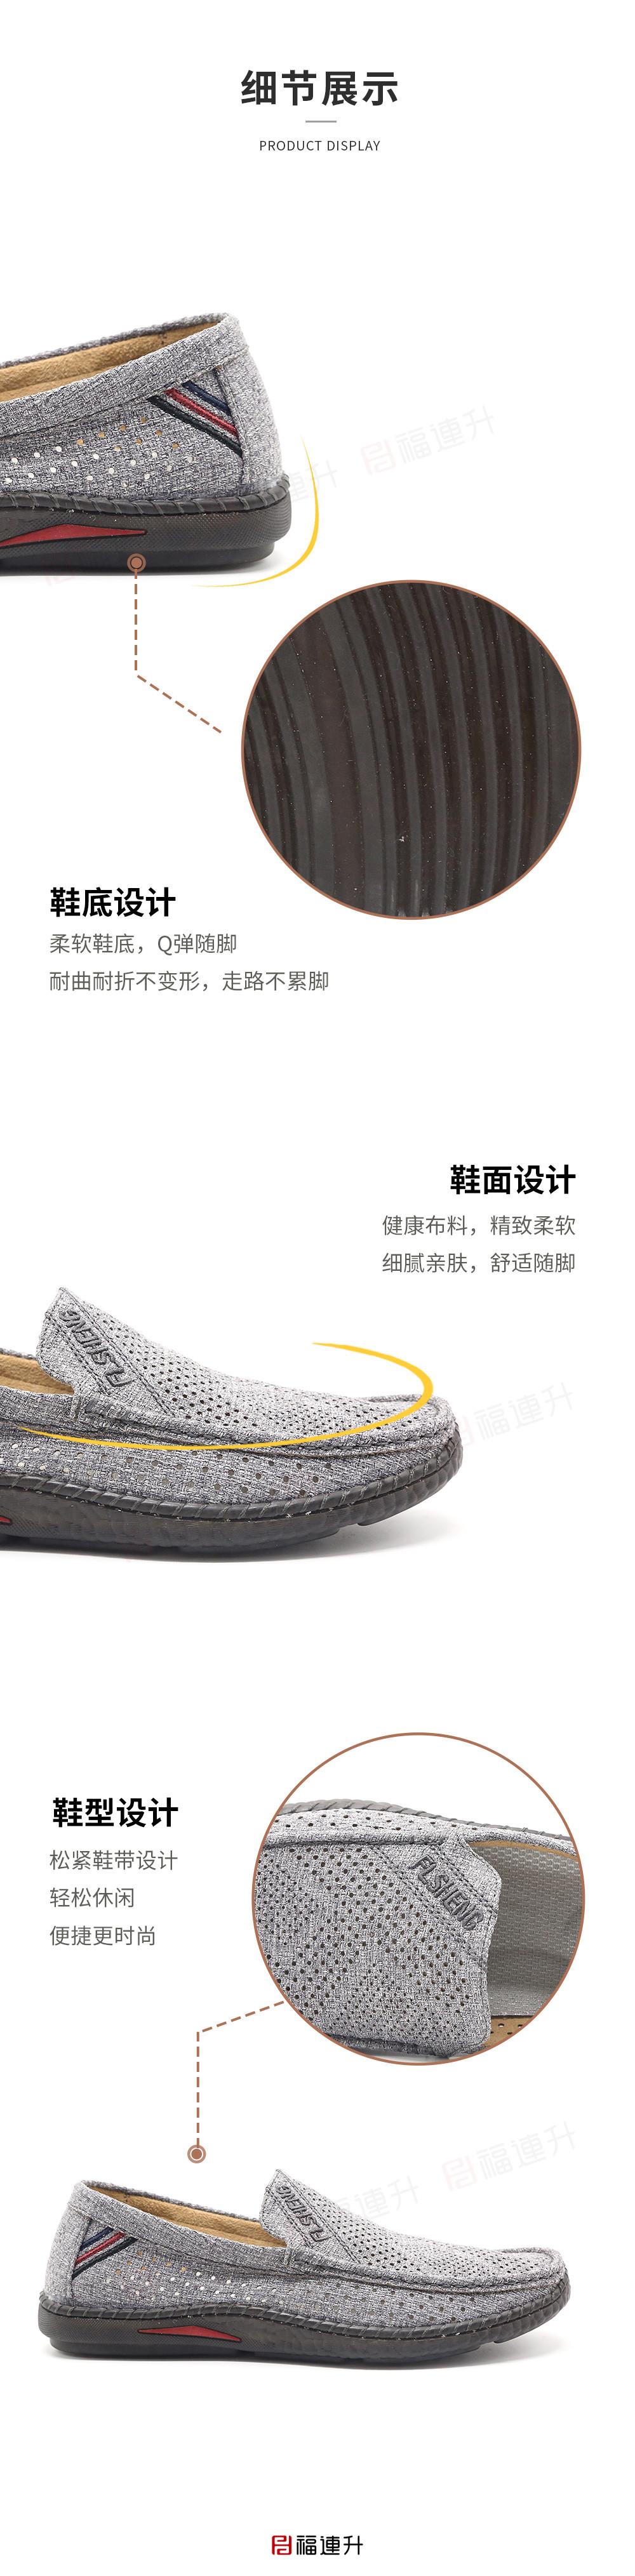 福连升夏季休闲男鞋老北京牛筋软底透气布鞋平底开车鞋图片